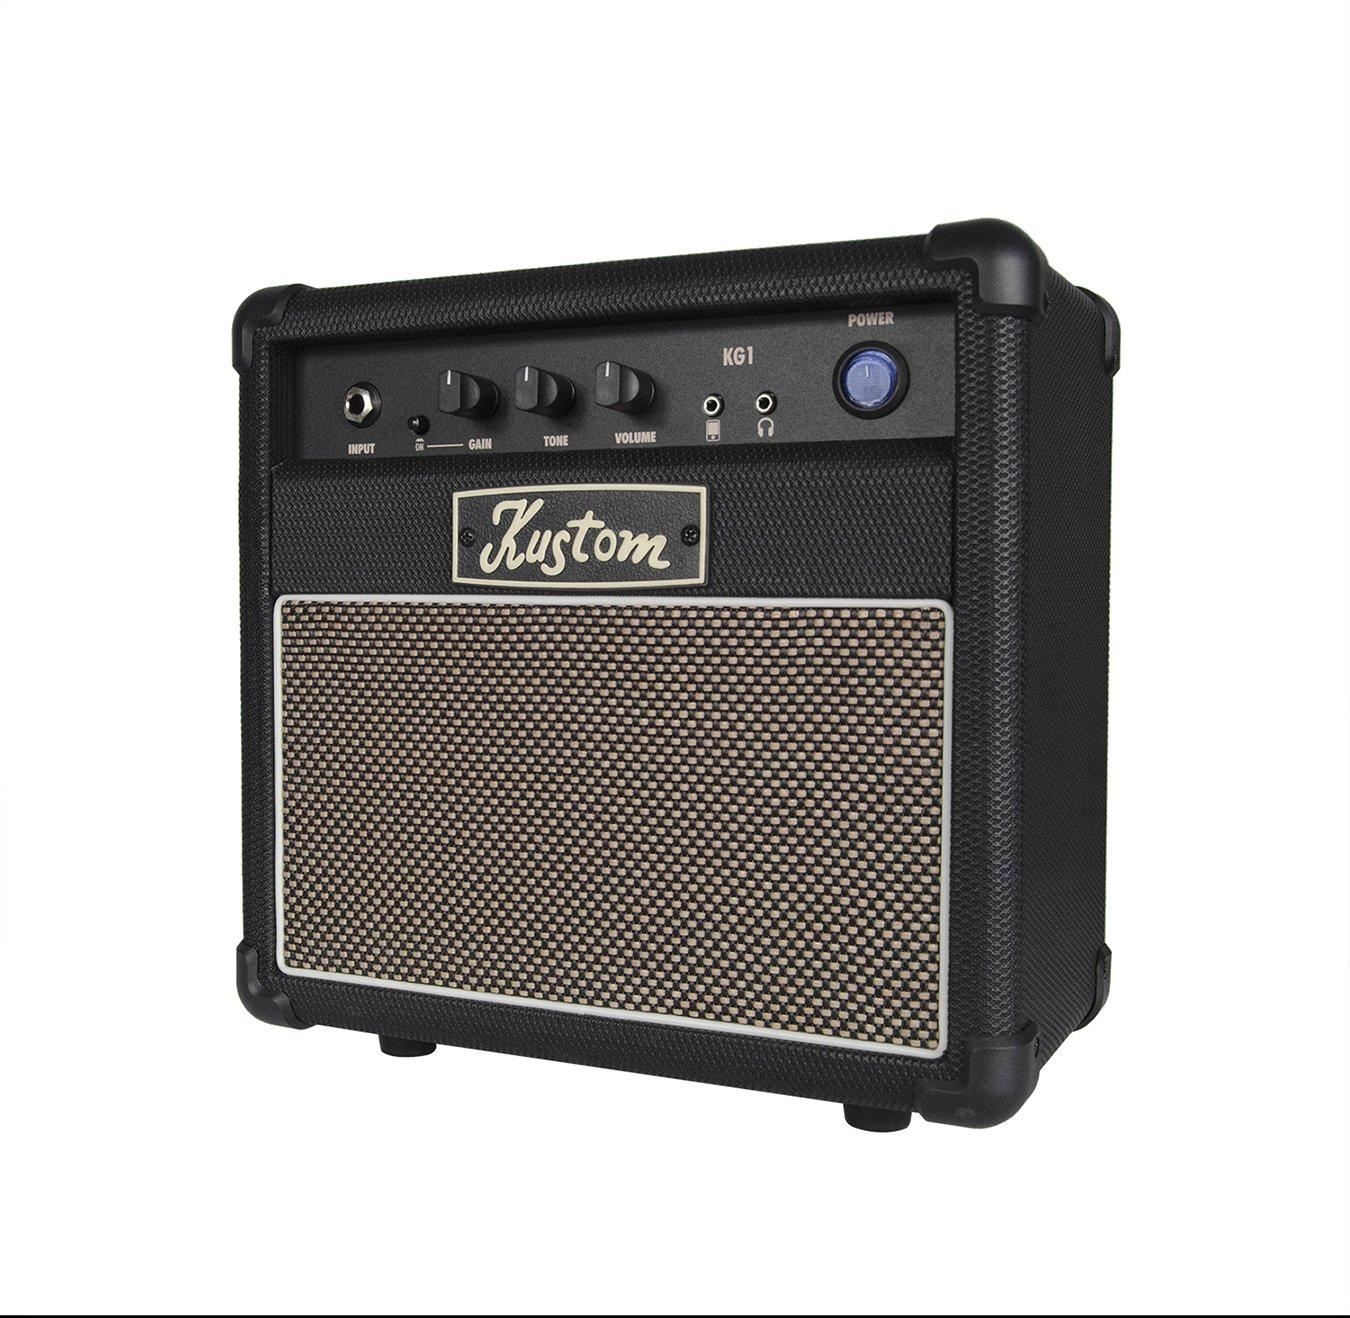 Kustom - Amplificador de guitarra KG-1: Amazon.es: Instrumentos musicales